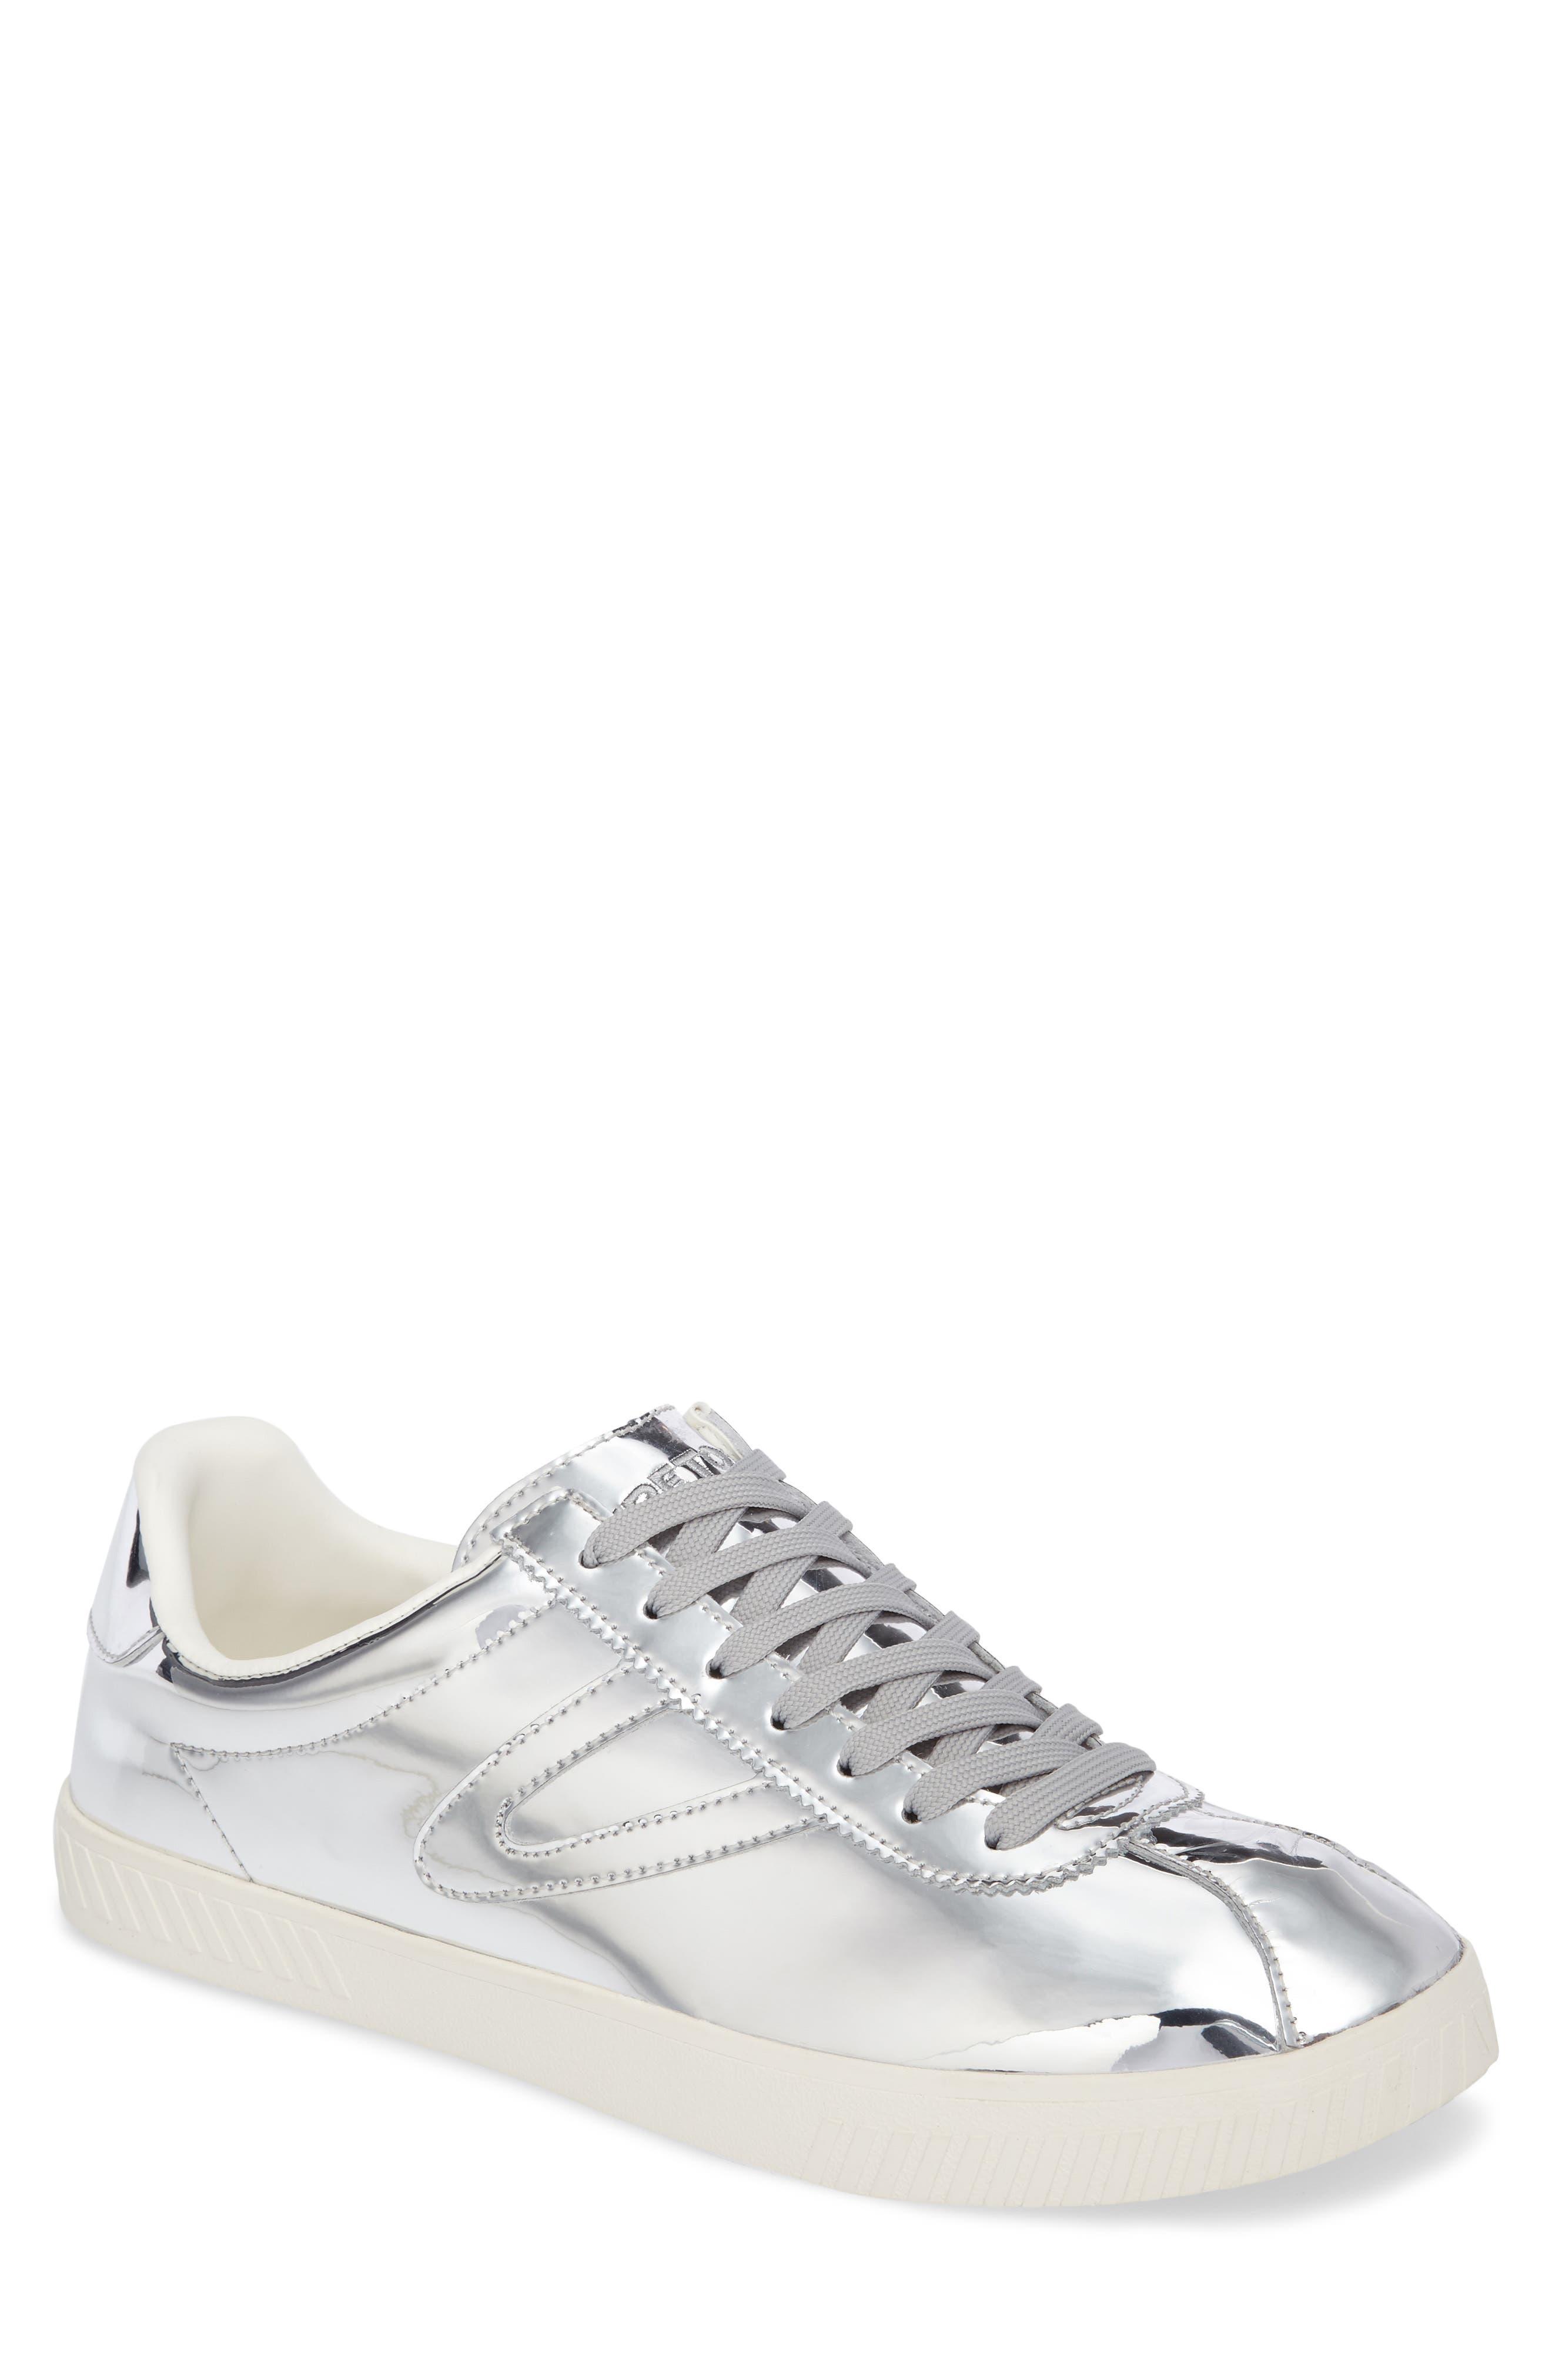 Tretorn Camden 2 Sneaker (Men)